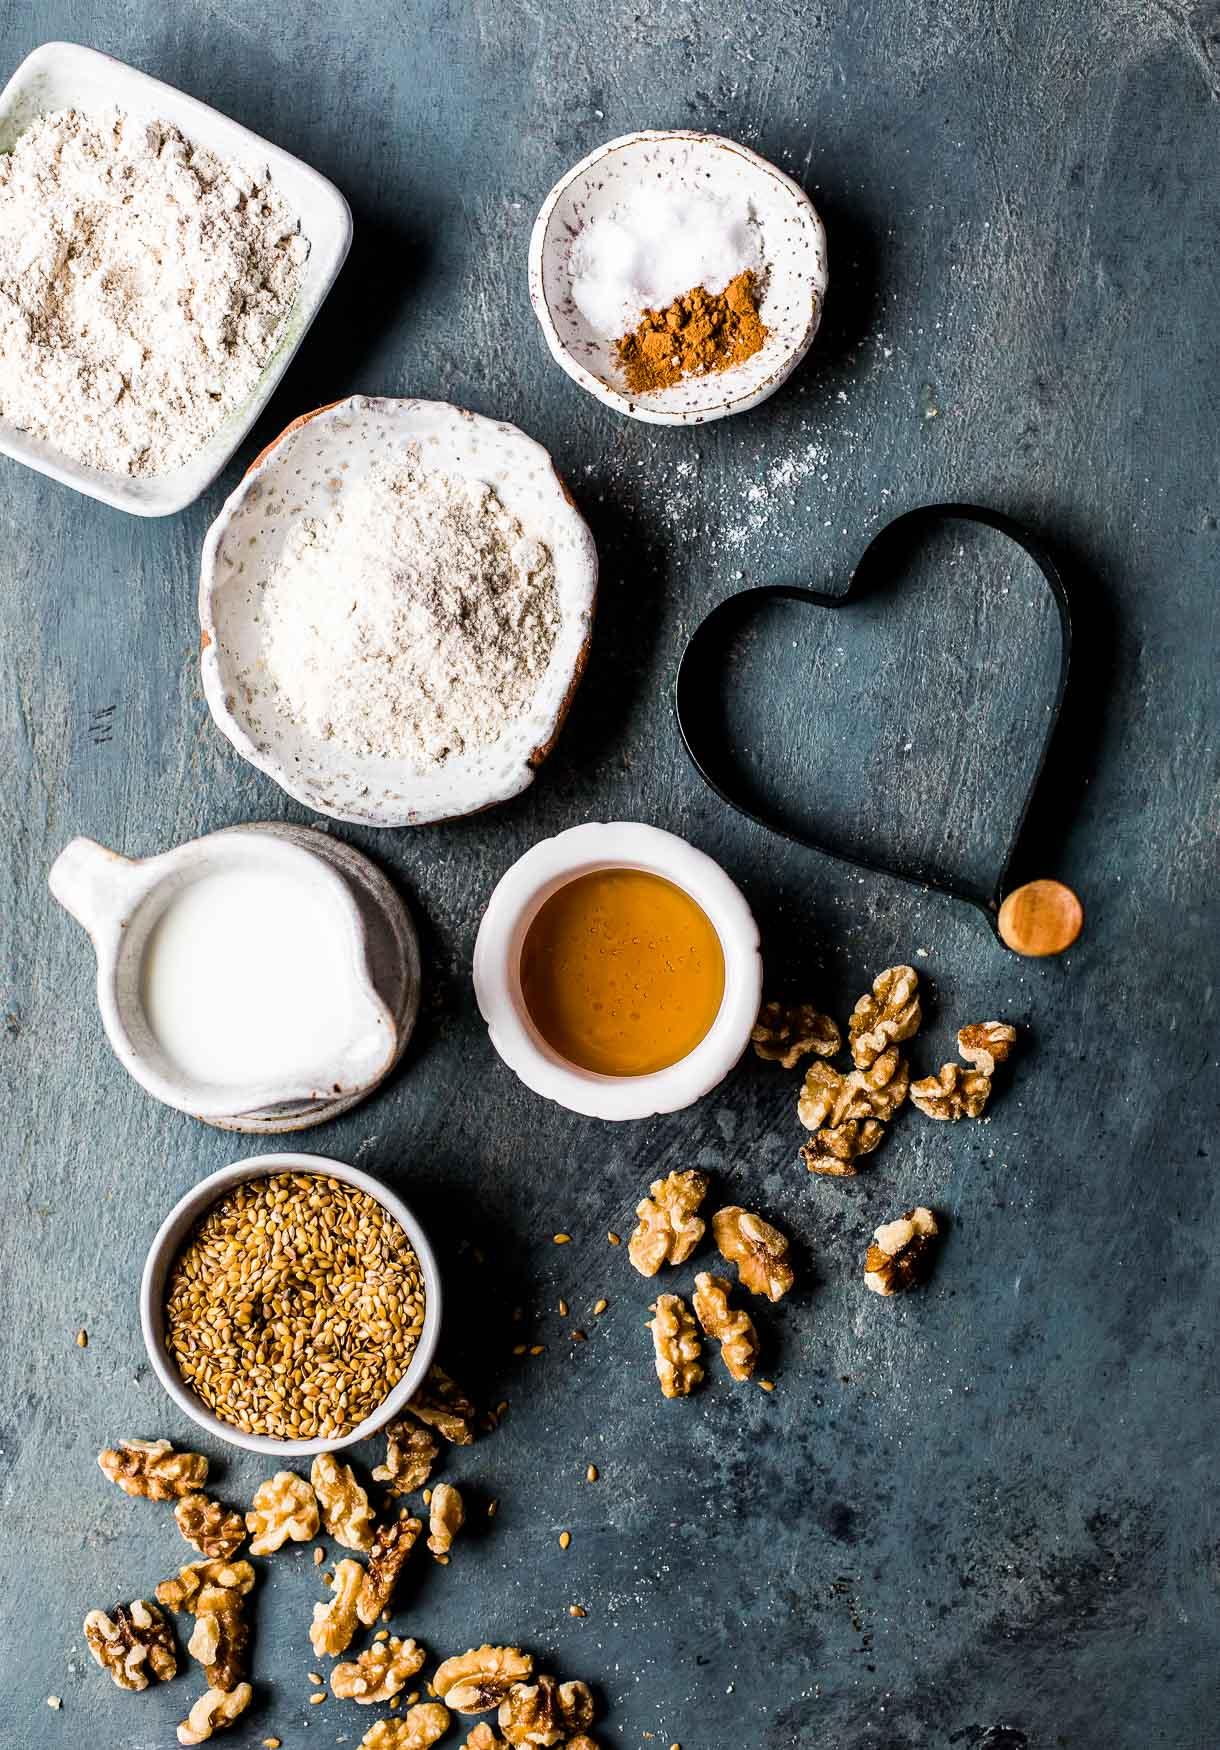 gluten free pancake ingredients